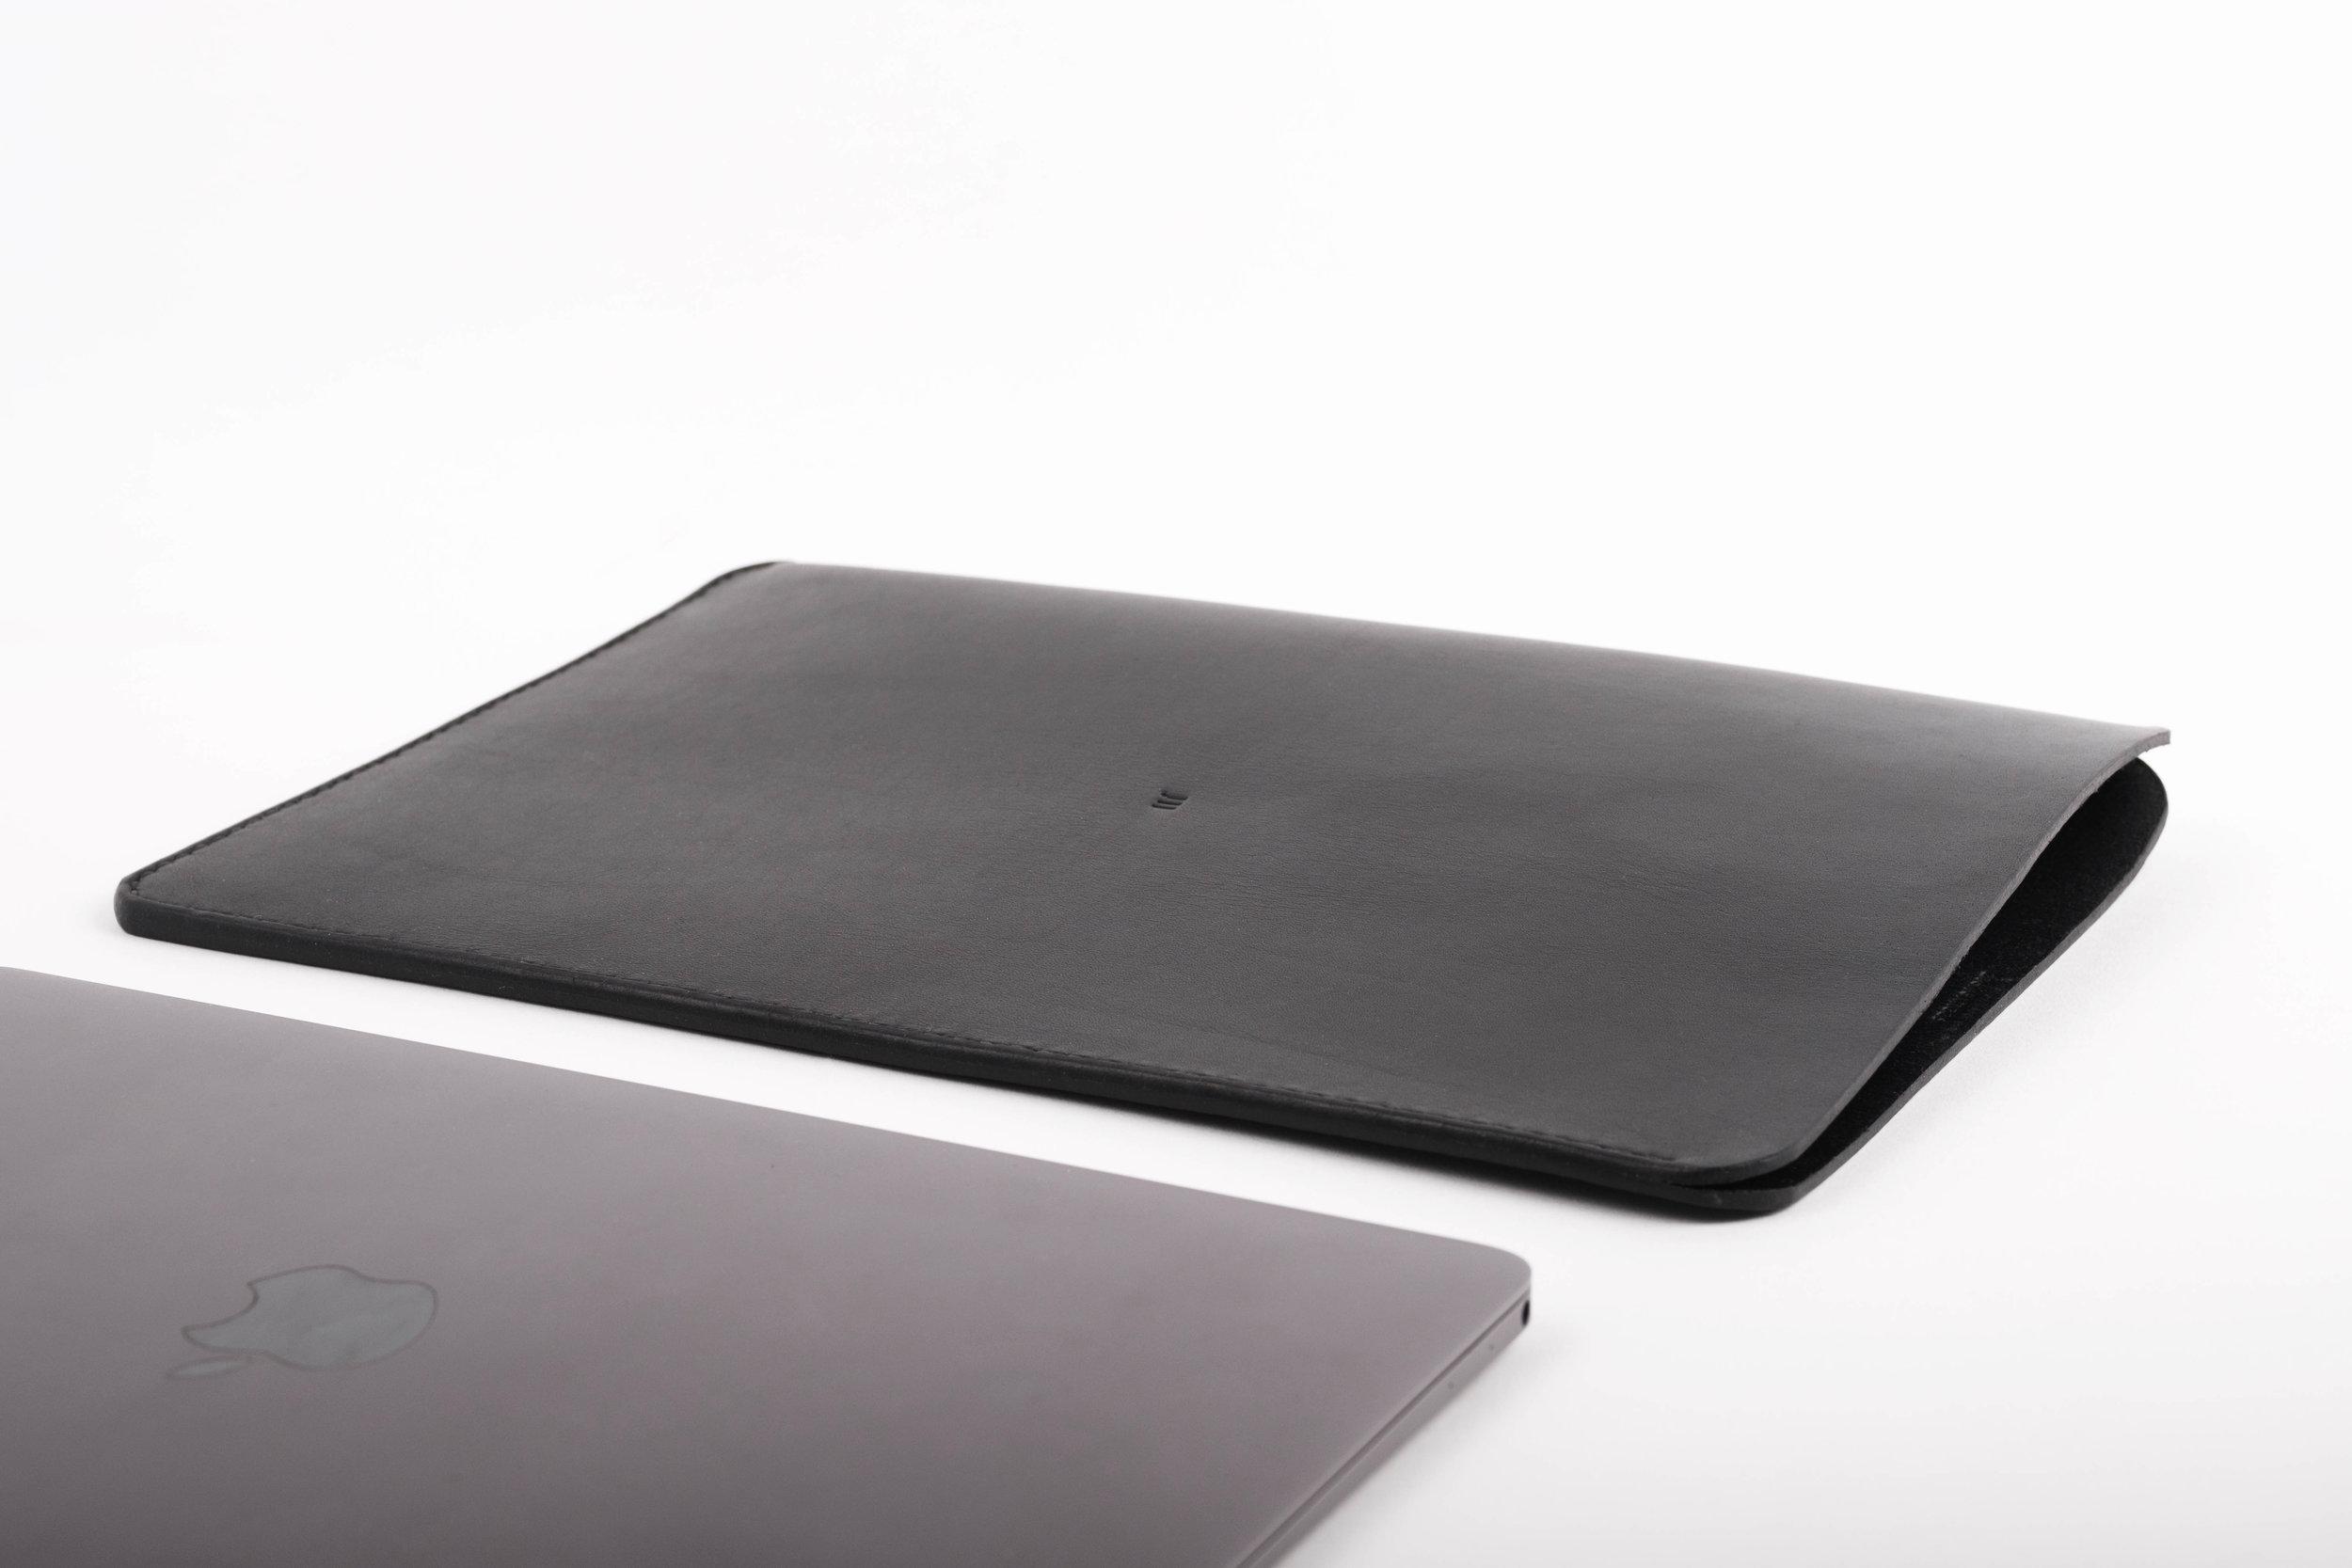 macbook.case.leather.handmade.ateliermaas.8.jpg